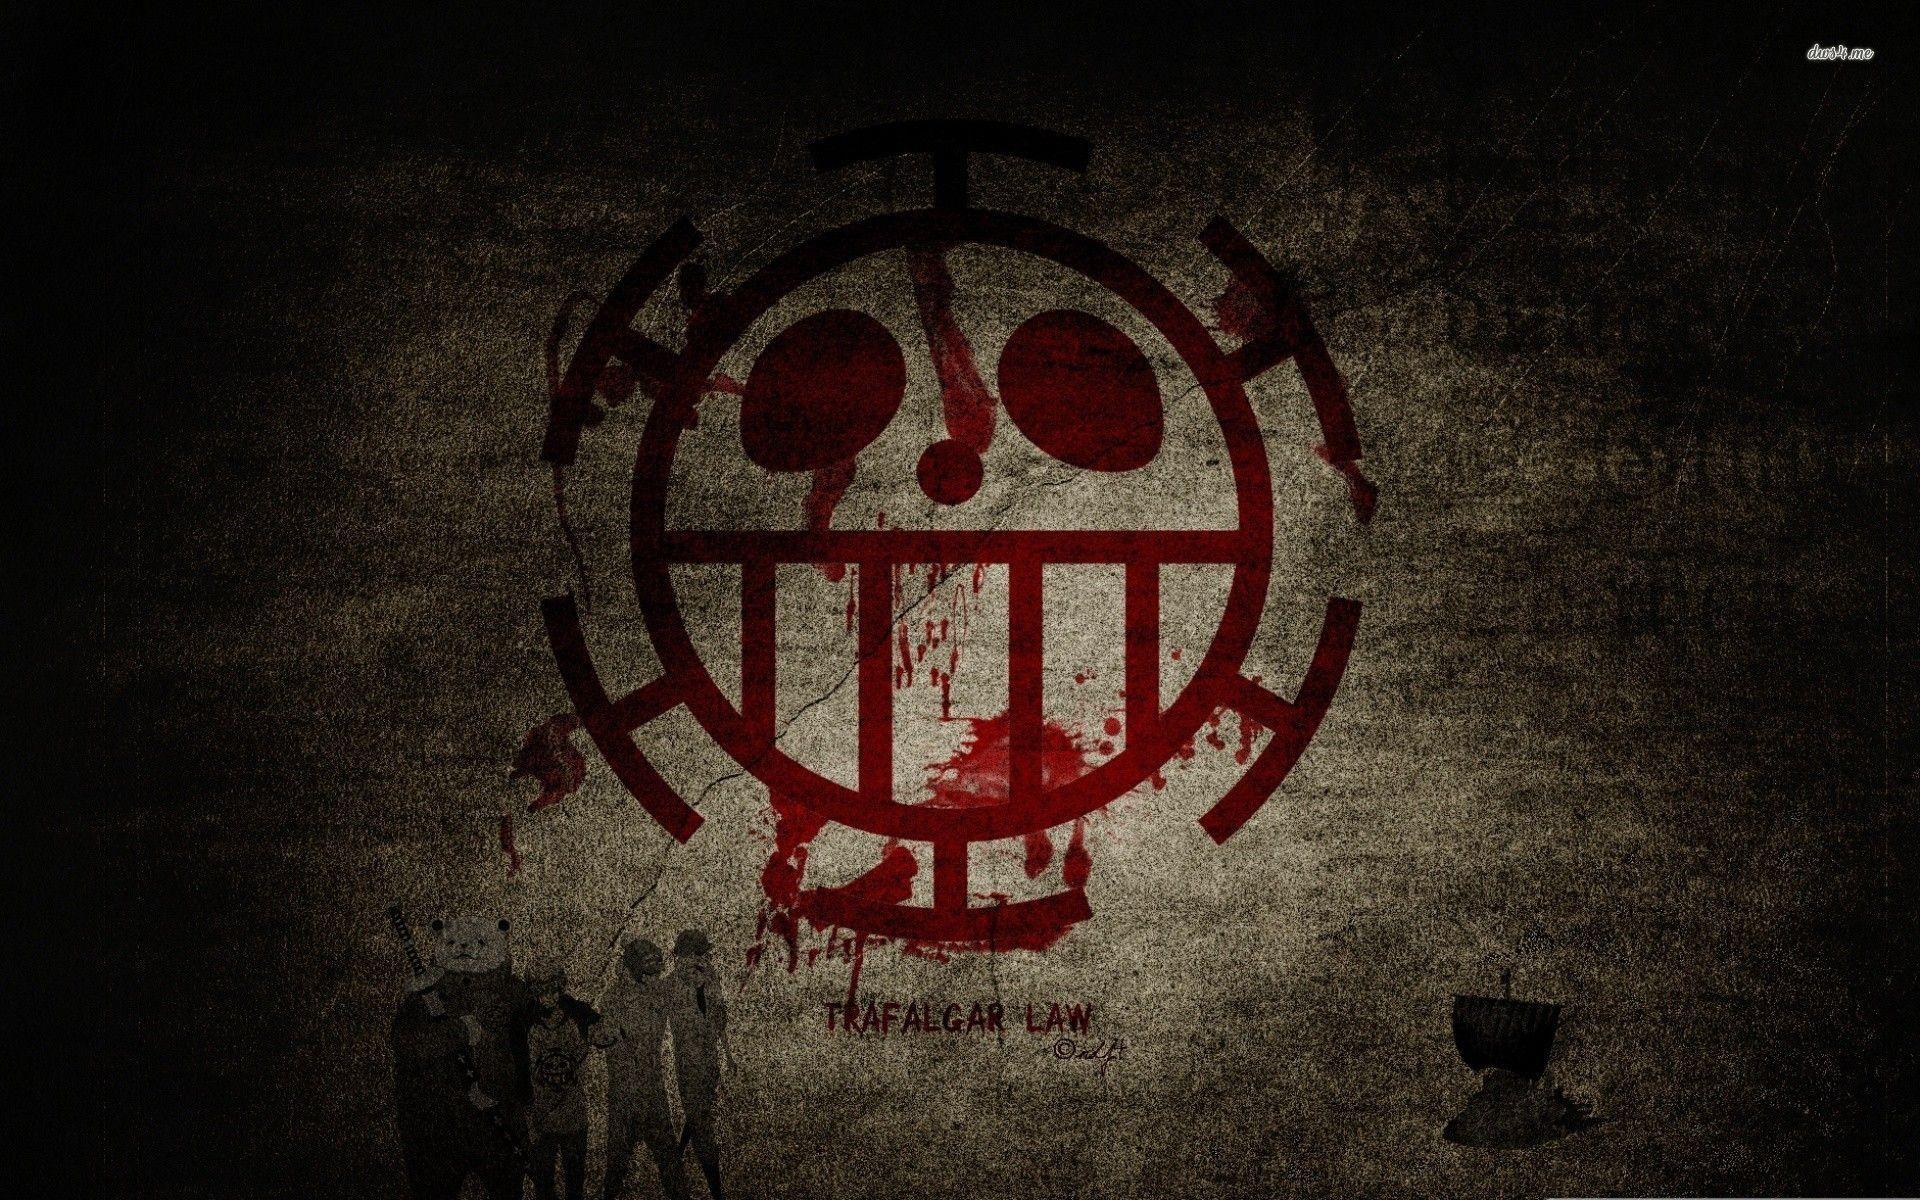 Shanks Full Hd Wallpaper Trafalgar Law Wallpapers Anime Wallpaper Logo Wallpaper Hd